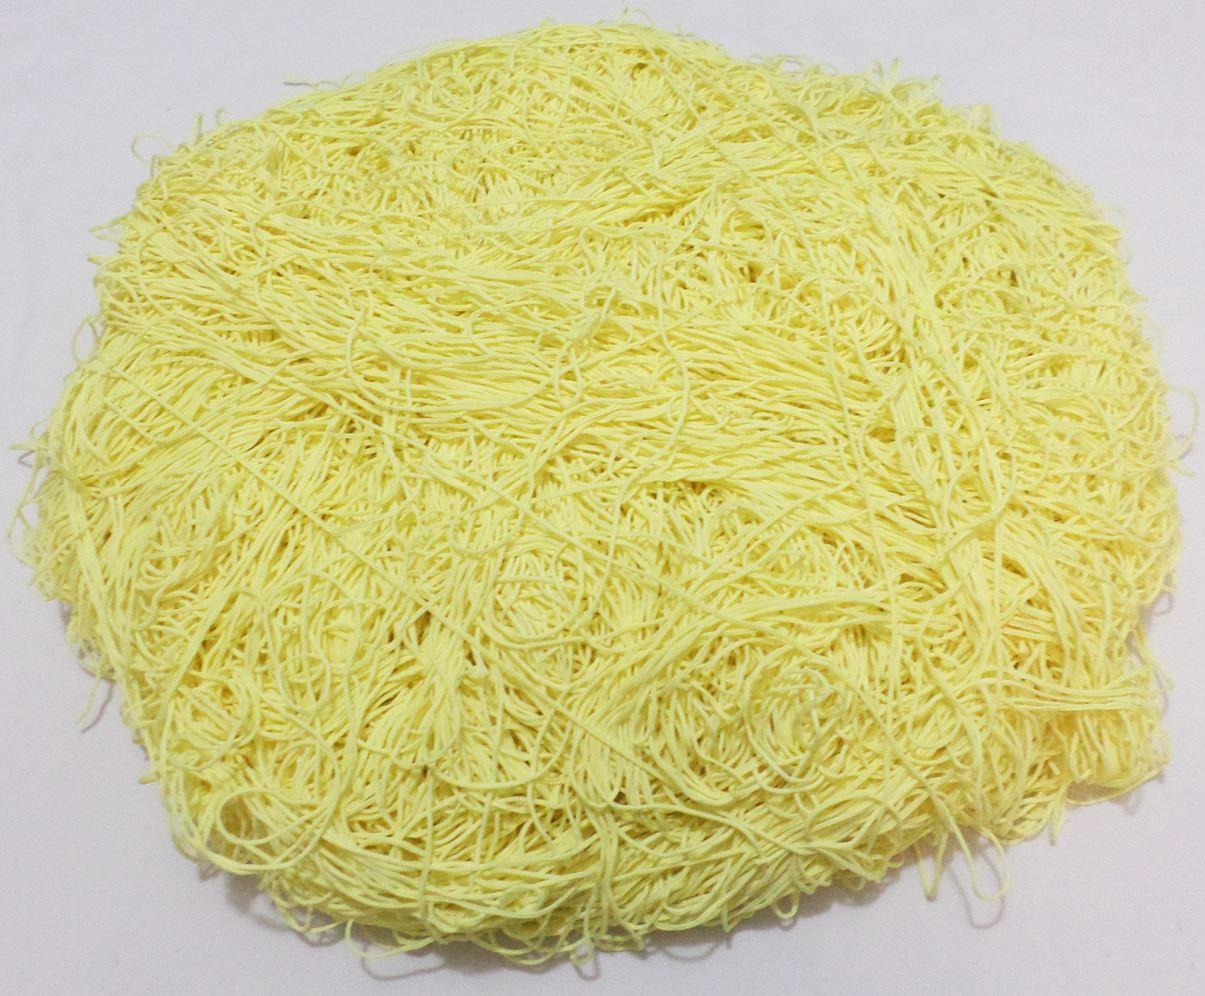 Tira de Macarrão/Espaguete 1.140g Amarelo